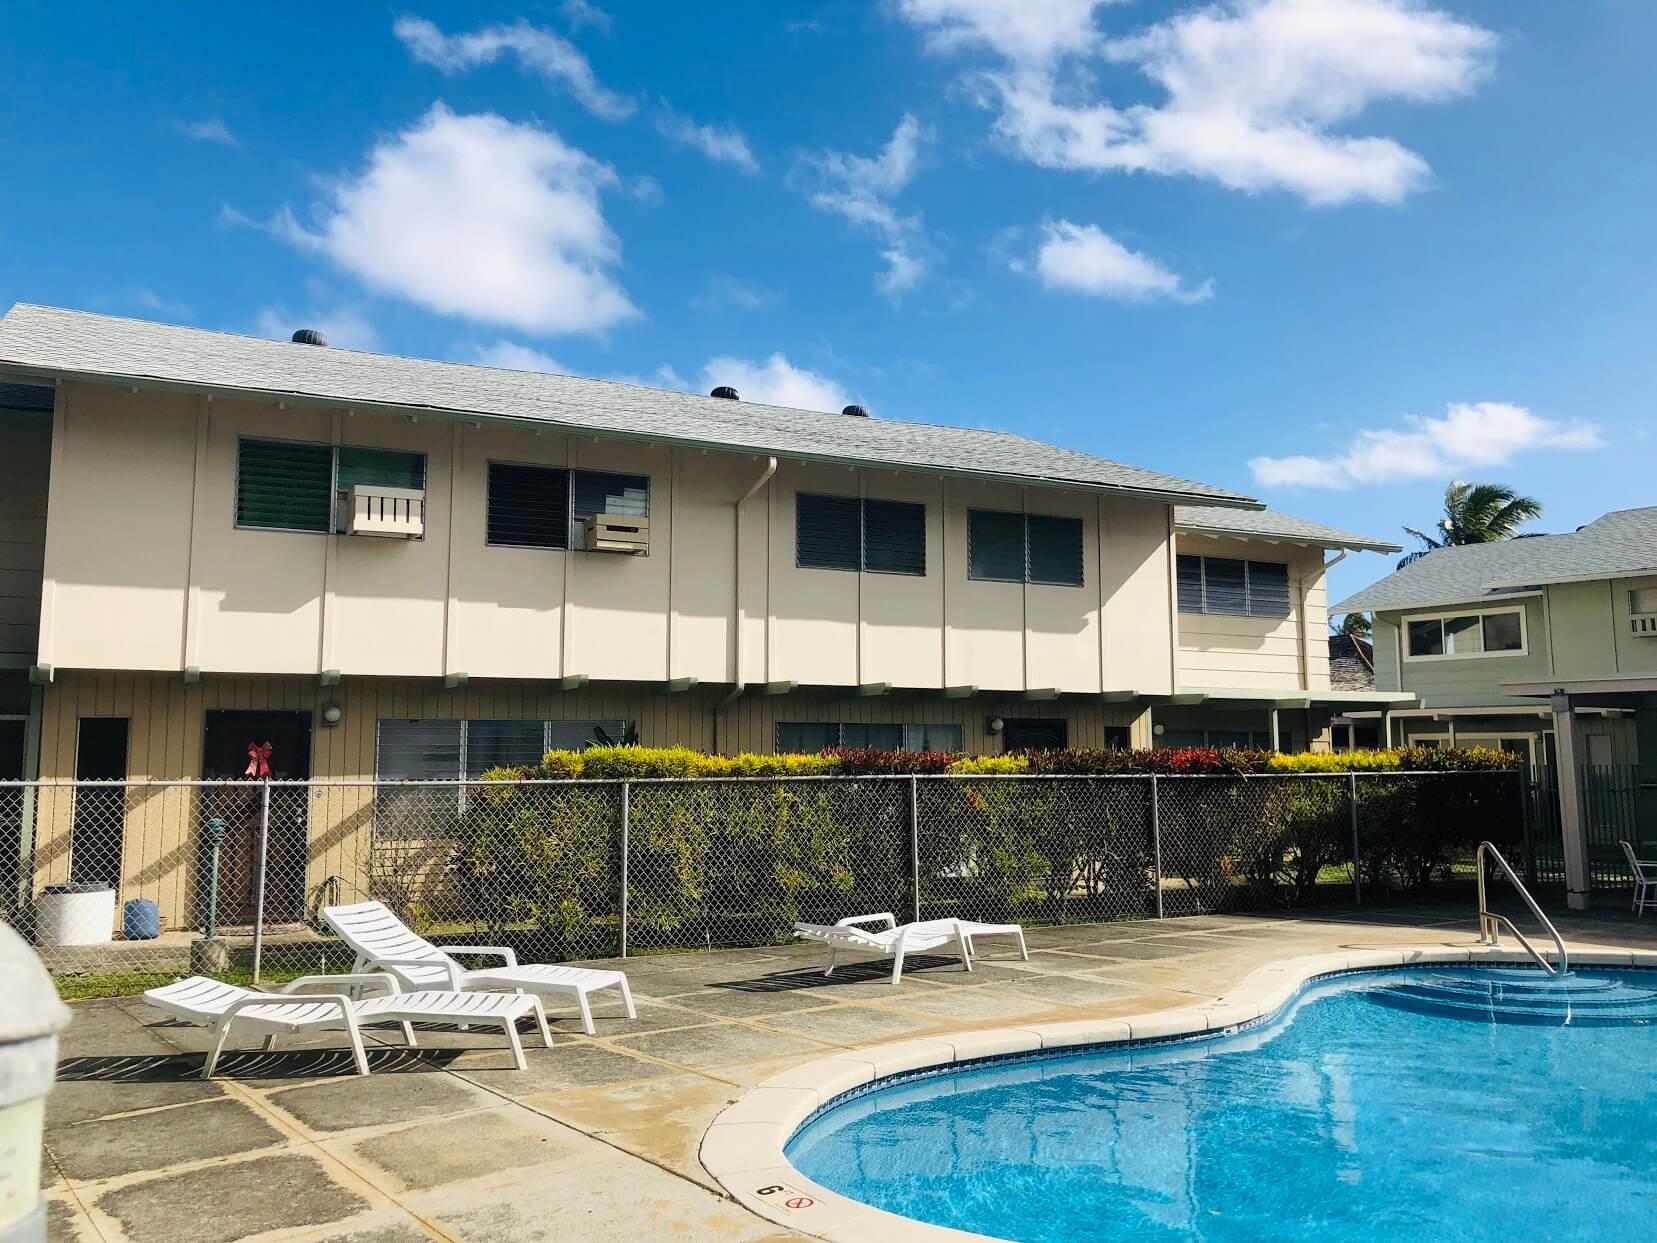 Koko Head Villasのプール